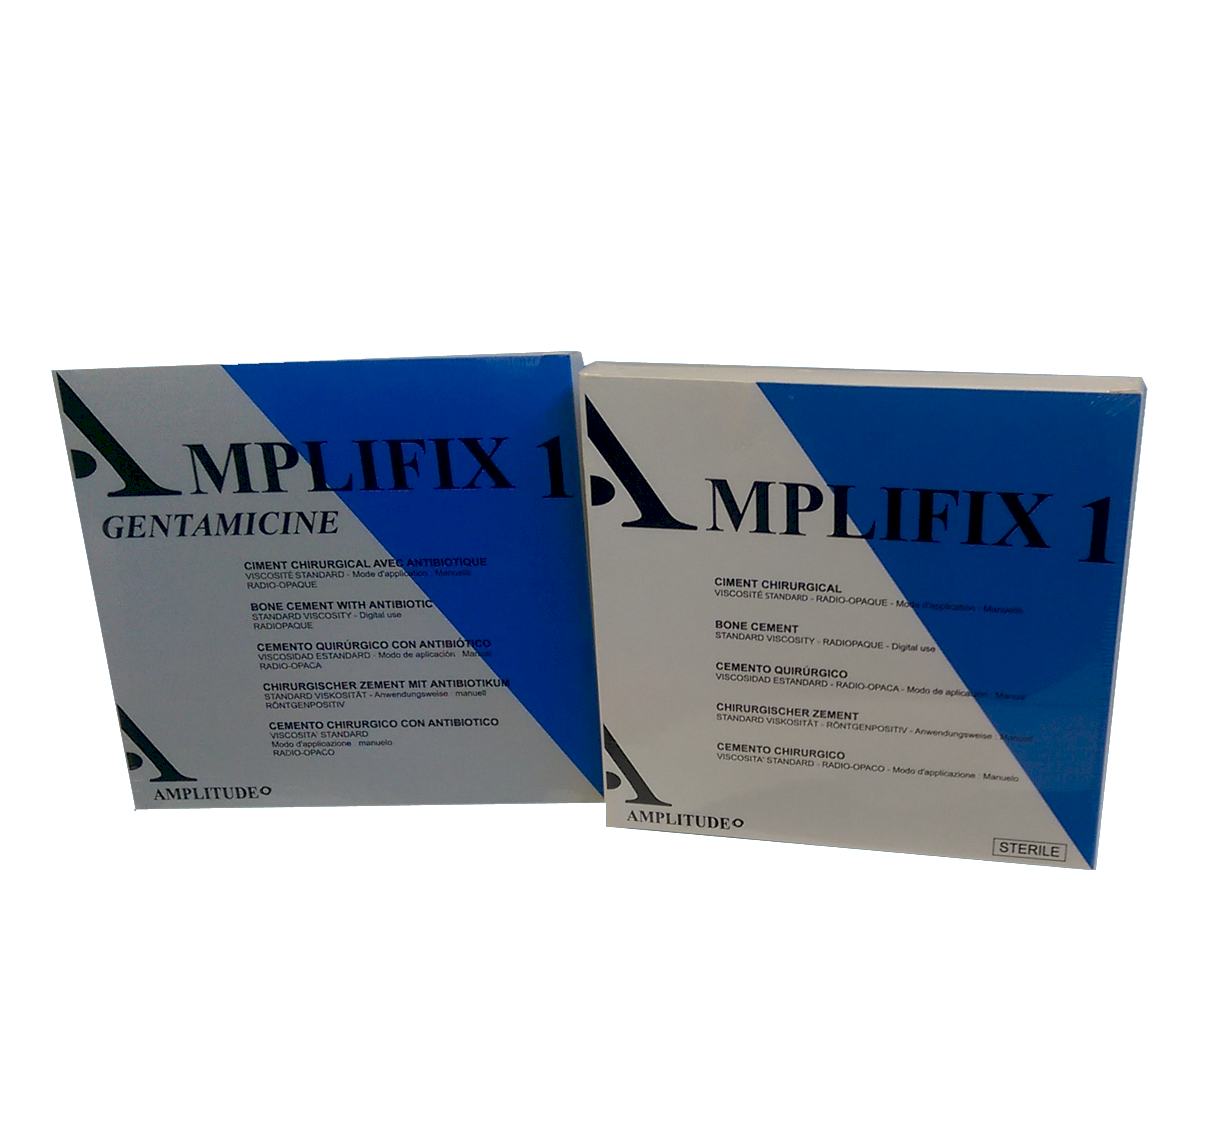 AMPLIFIX® 1-1